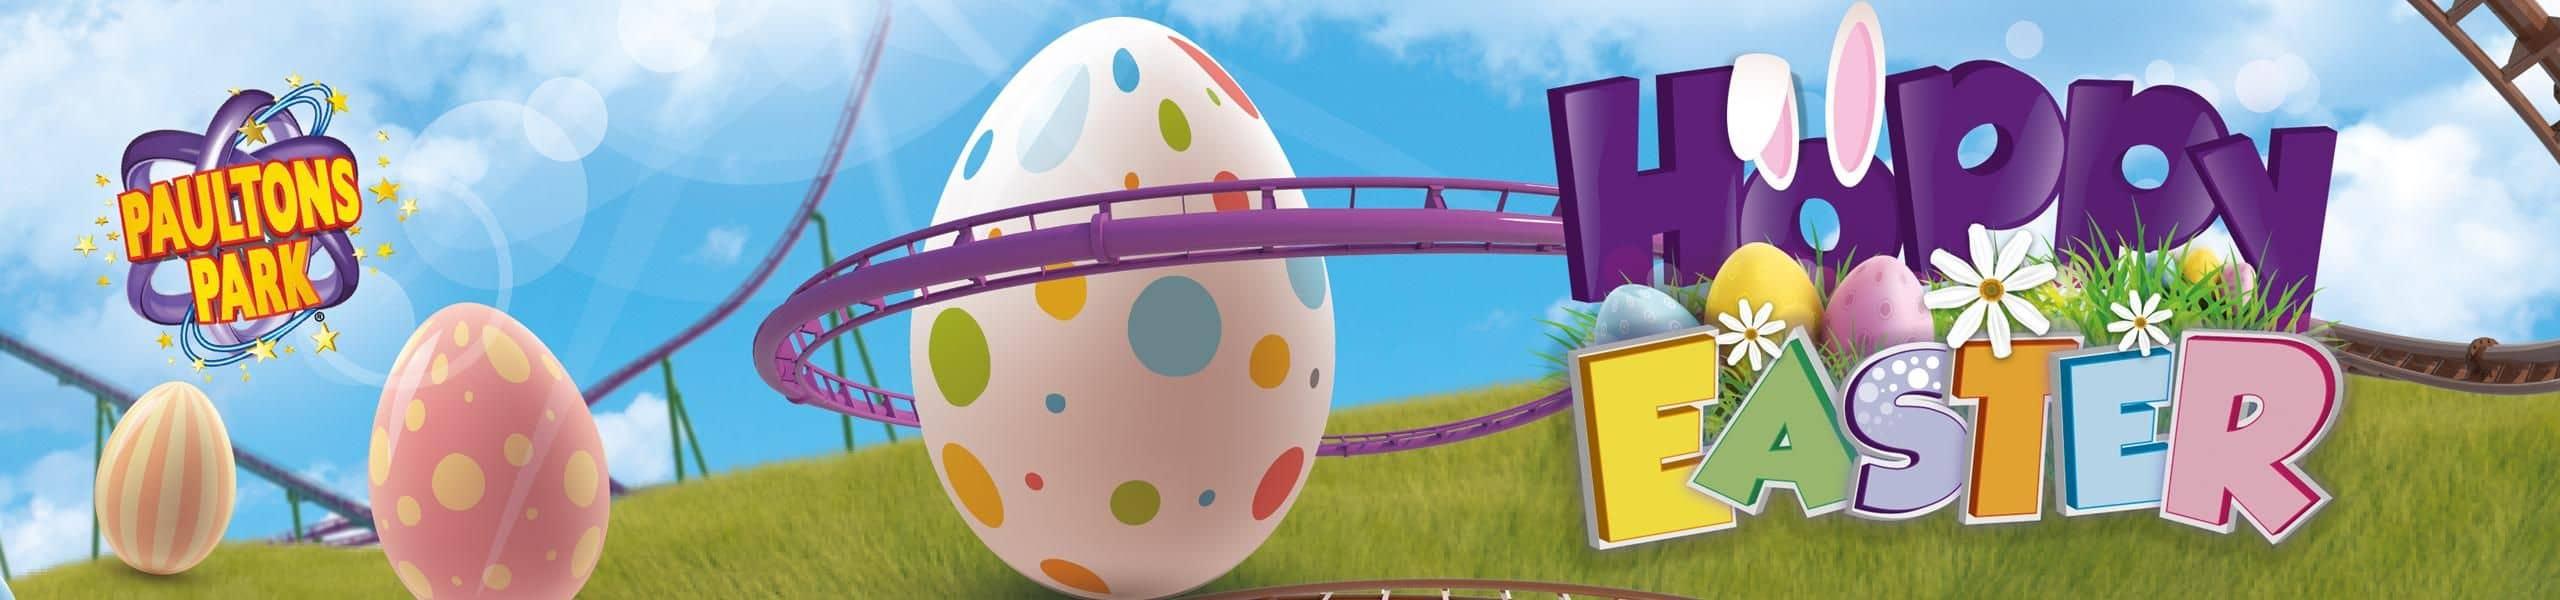 ''Hoppy'' Easter at Paultons Park